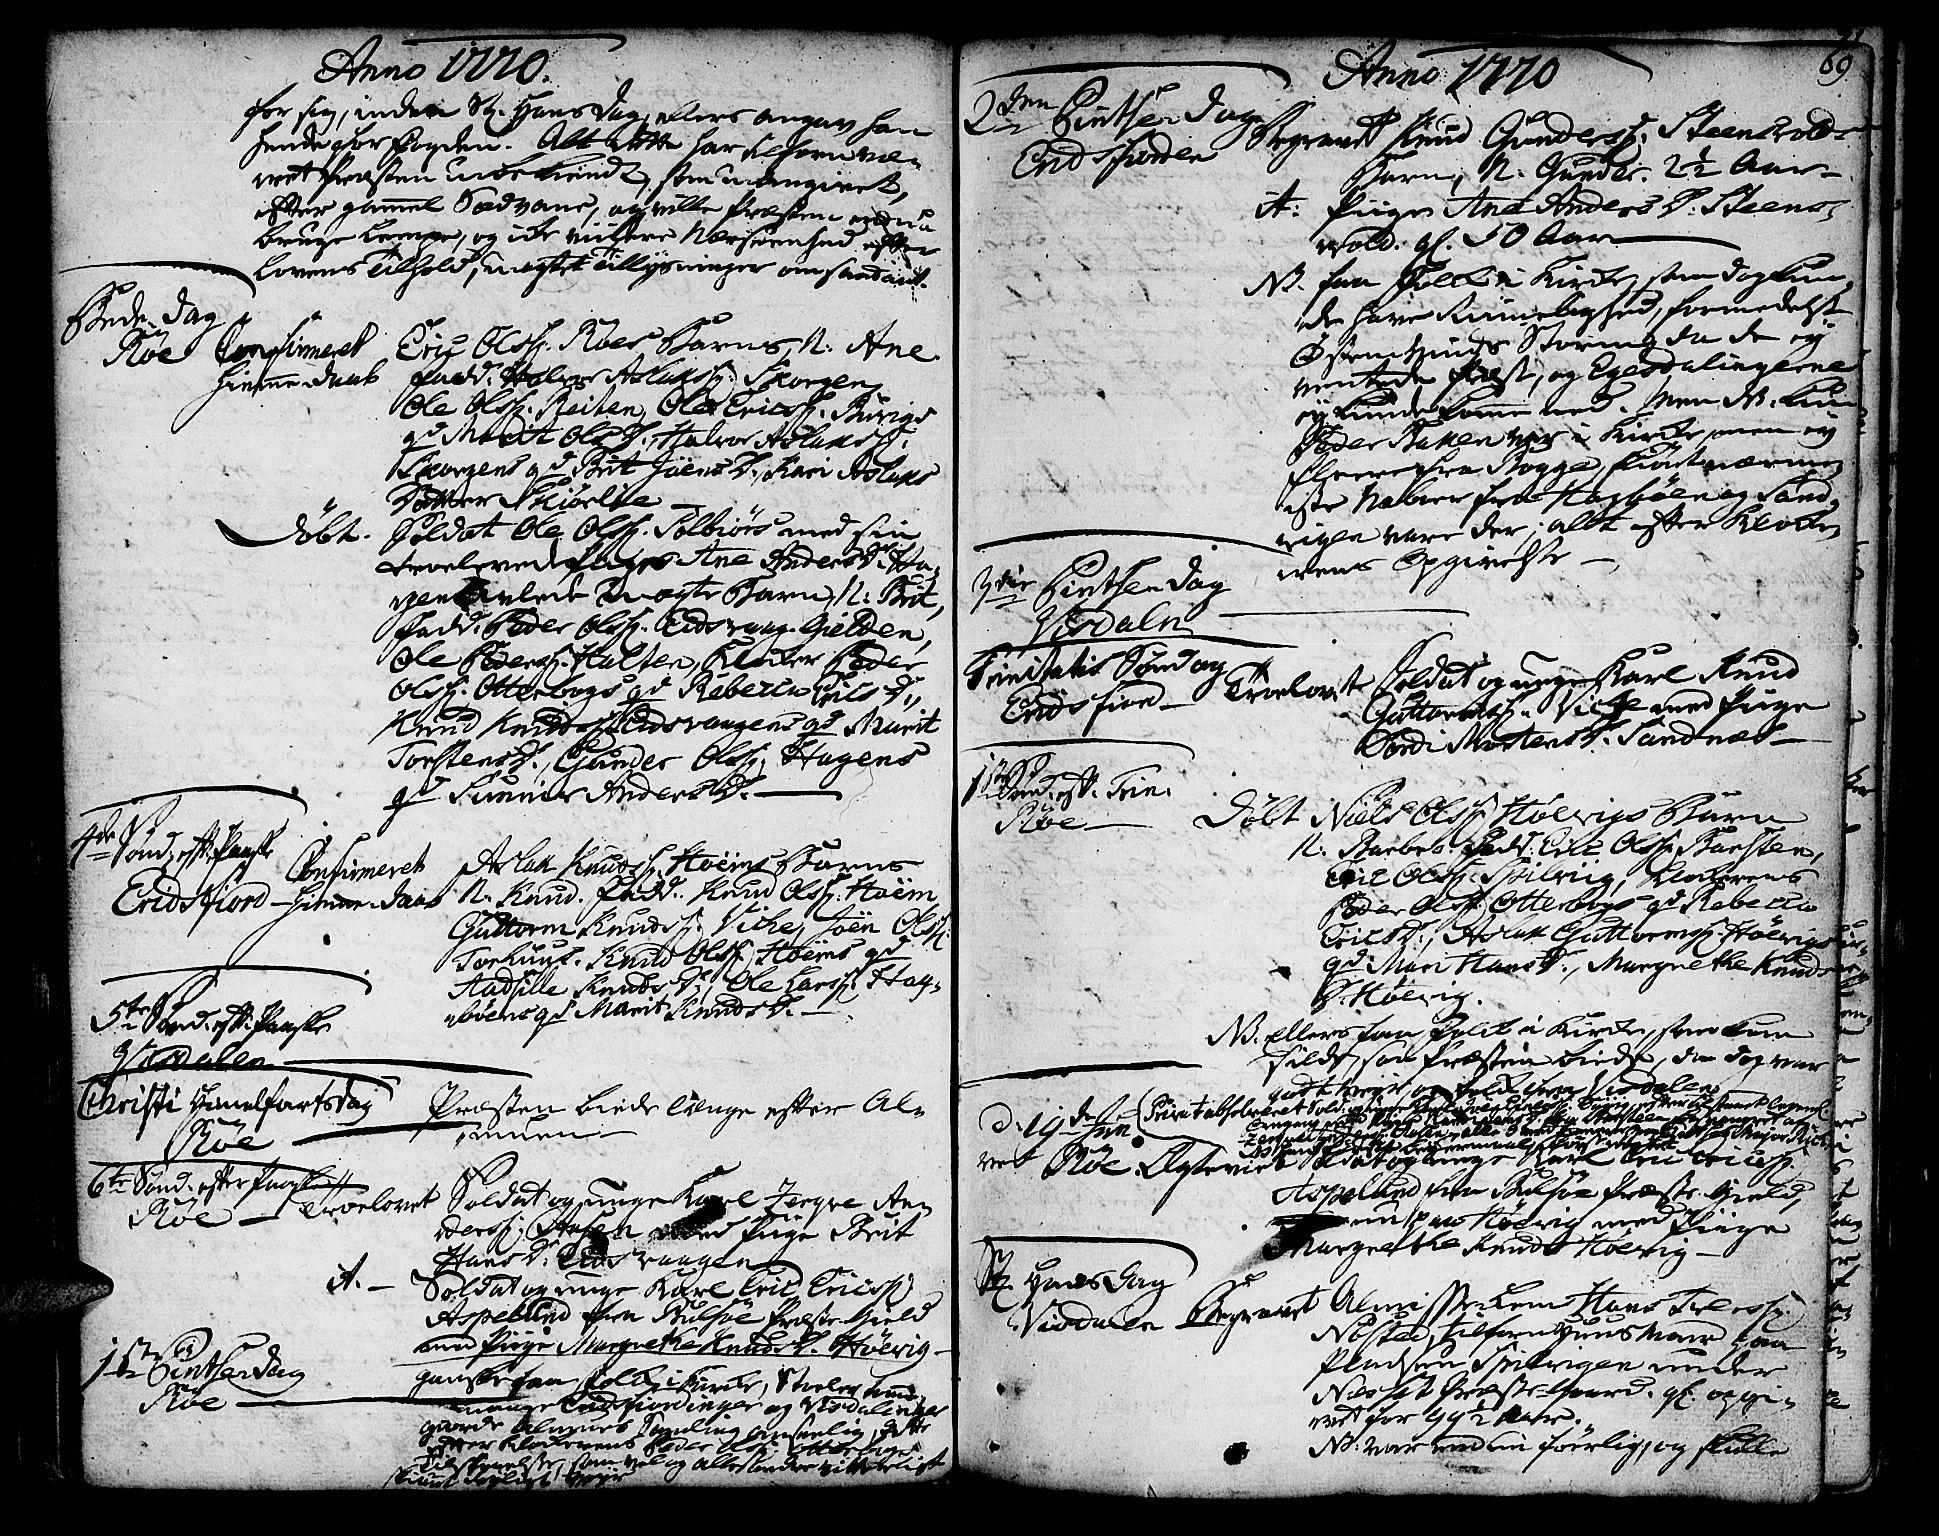 SAT, Ministerialprotokoller, klokkerbøker og fødselsregistre - Møre og Romsdal, 551/L0621: Ministerialbok nr. 551A01, 1757-1803, s. 69